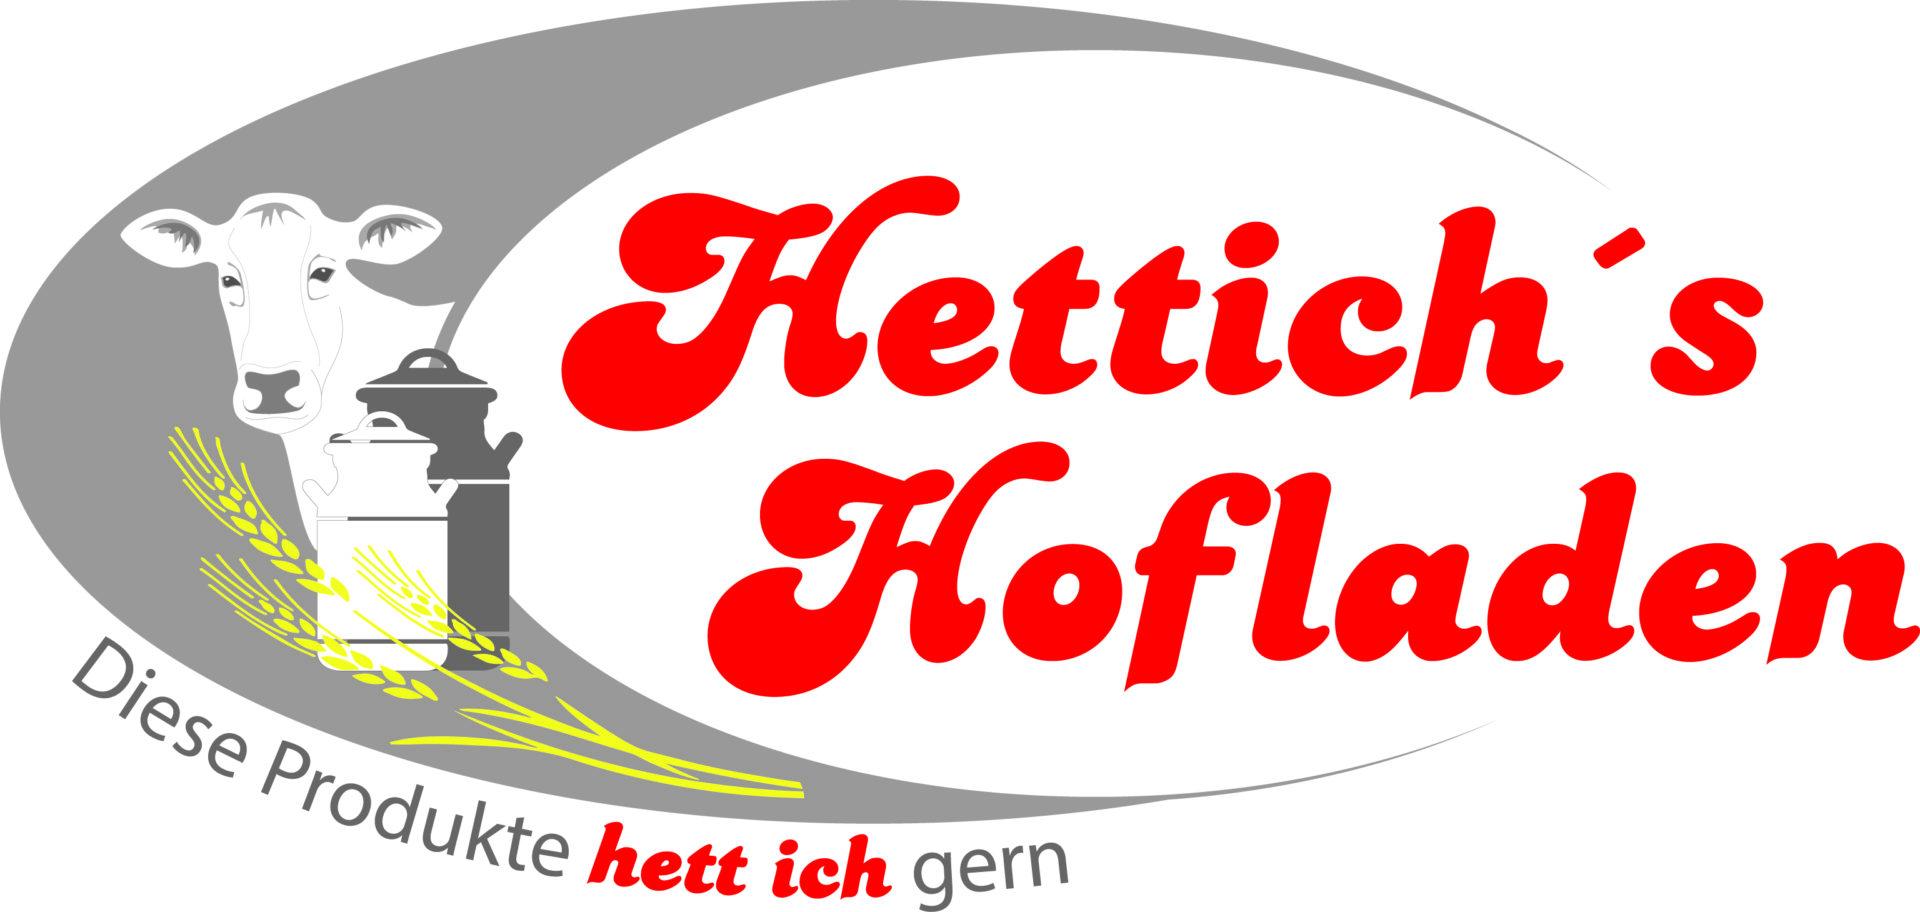 Hettich's Hofladen Logo